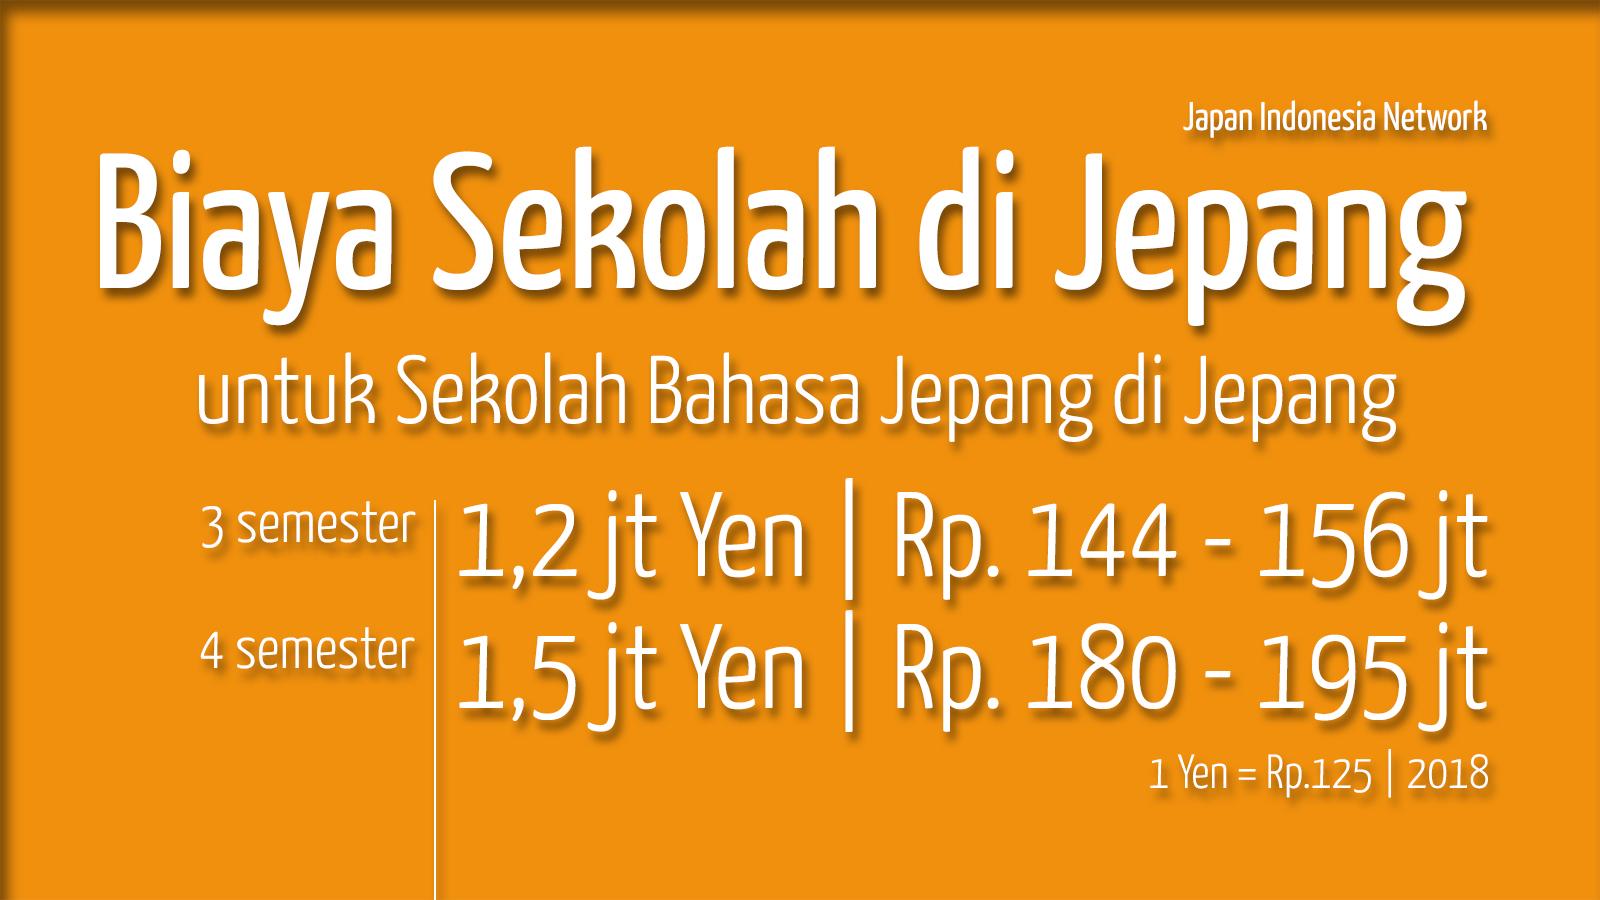 Biaya Sekolah di Jepang - Sekolah Bahasa Jepang di Jepang - Japan Indonesia Network 2018